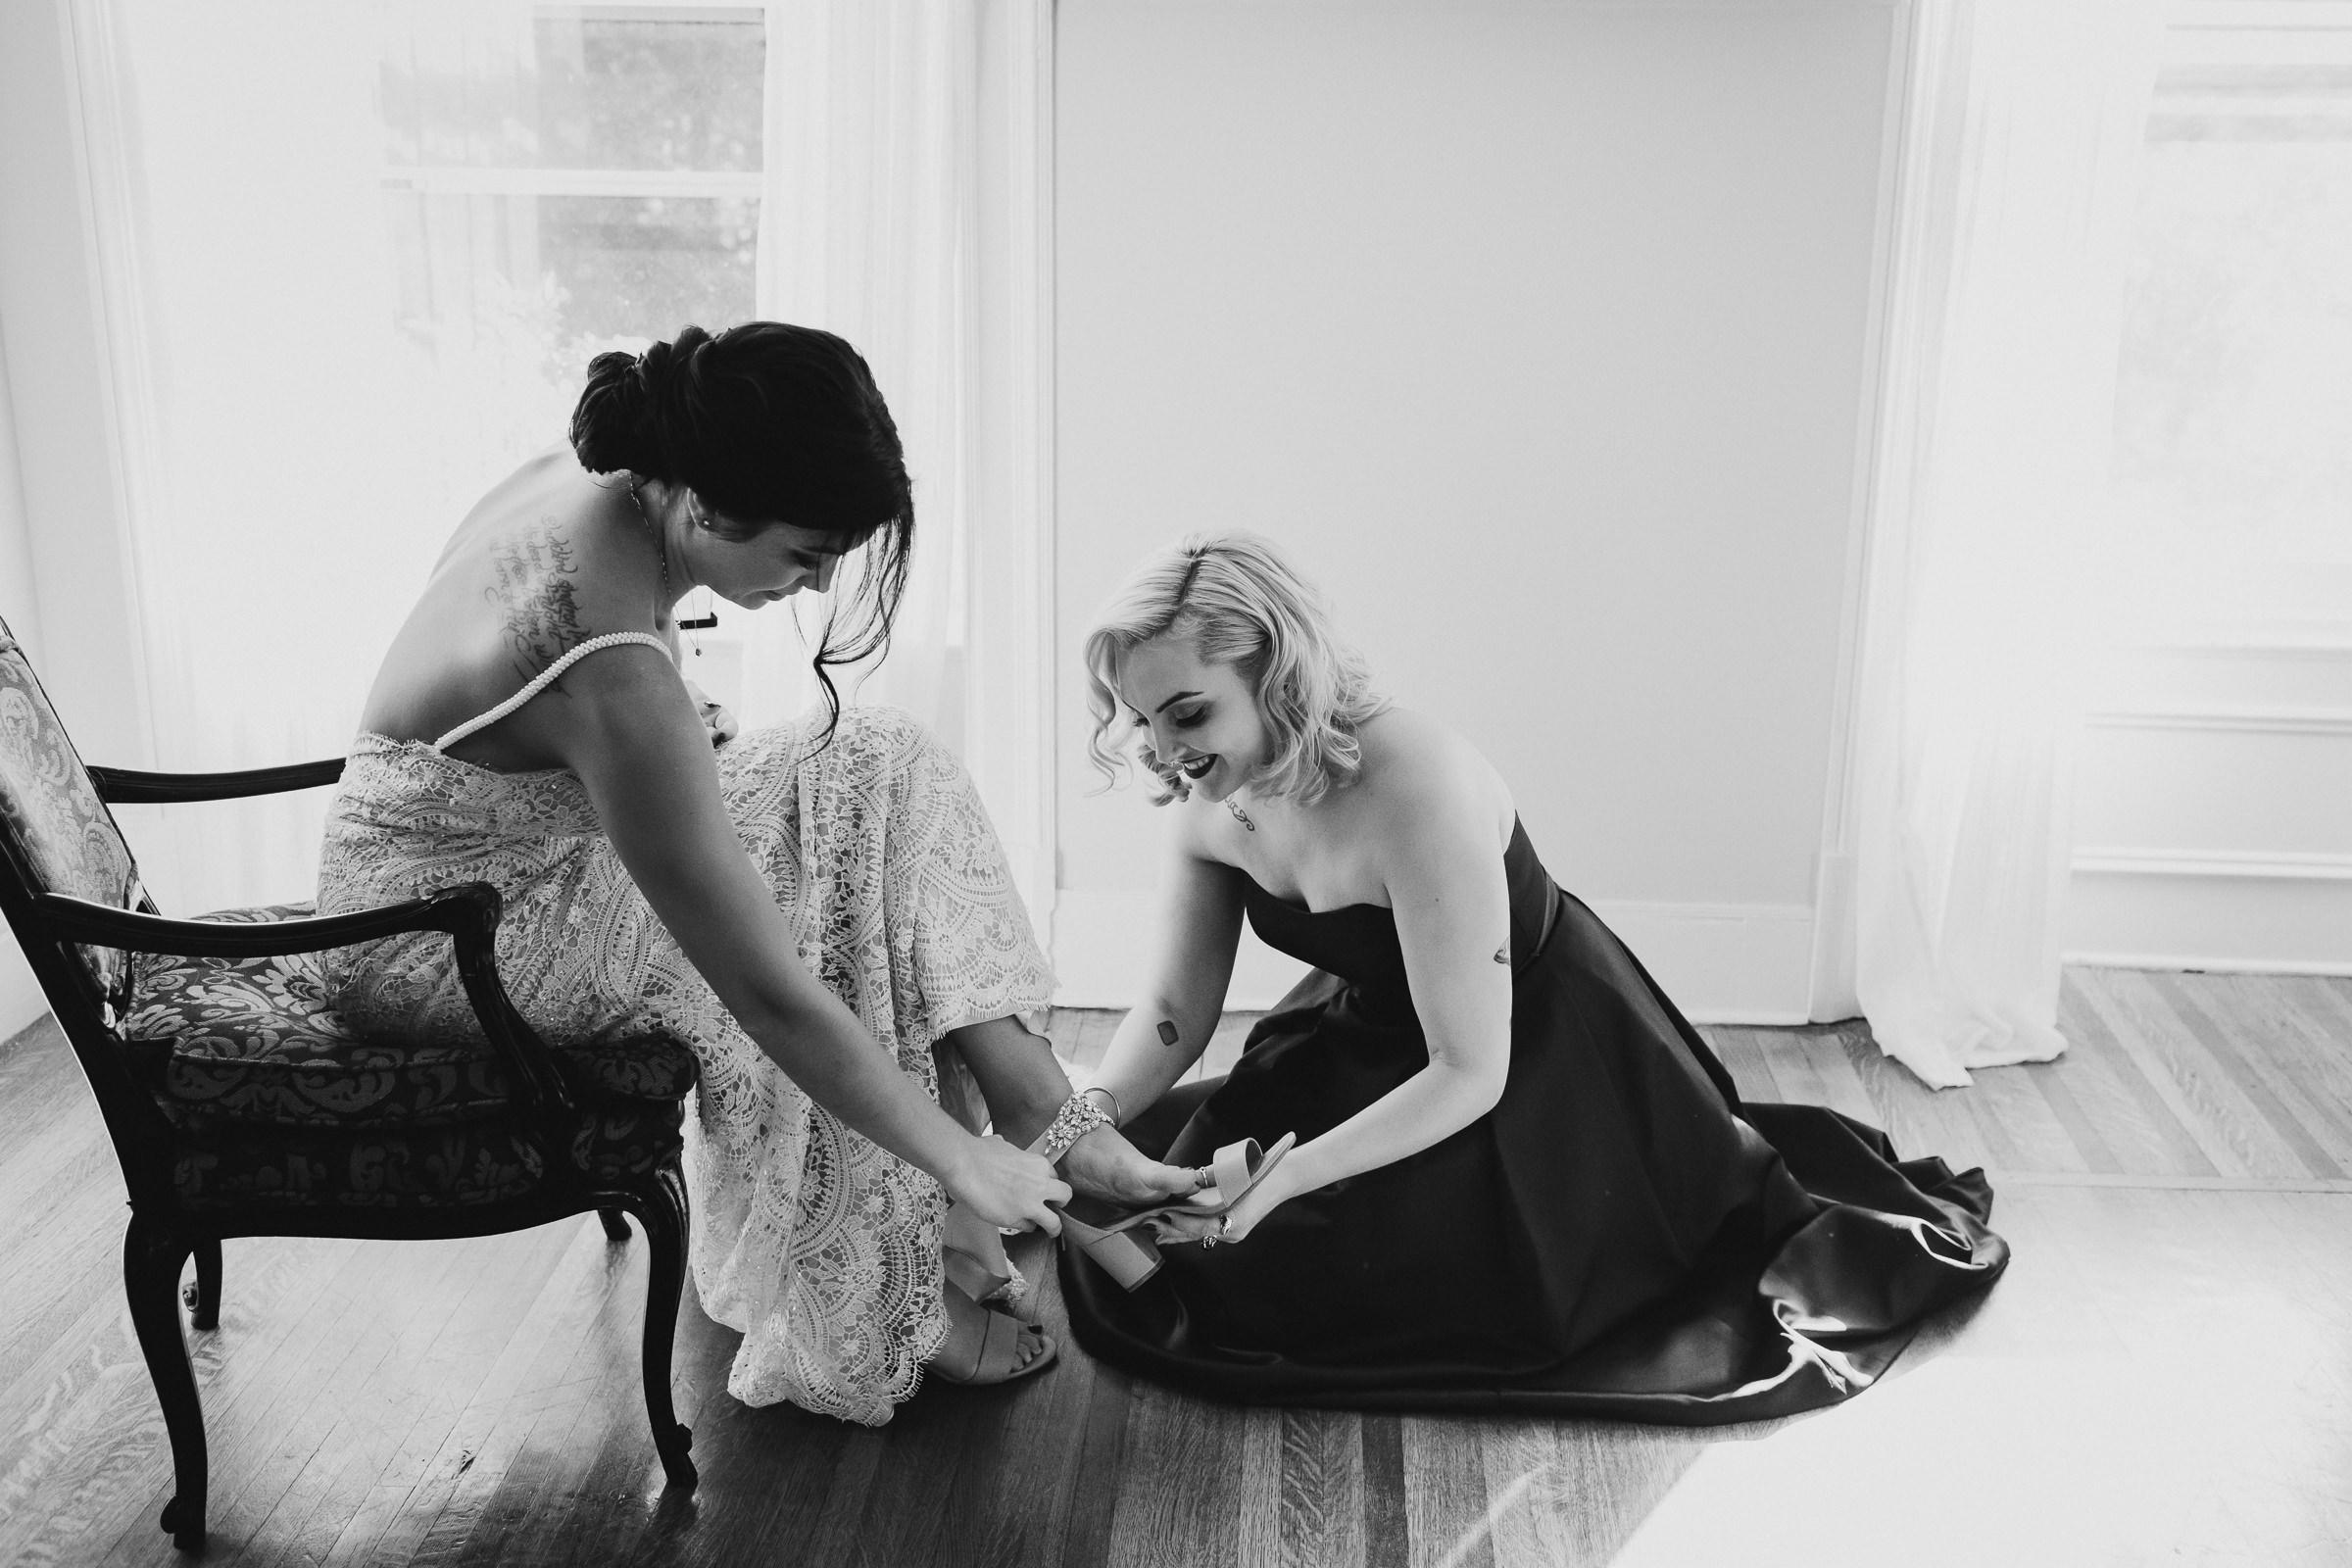 Arrow-Park-Monroe-NY-Documentary-Wedding-Photographer-16.jpg